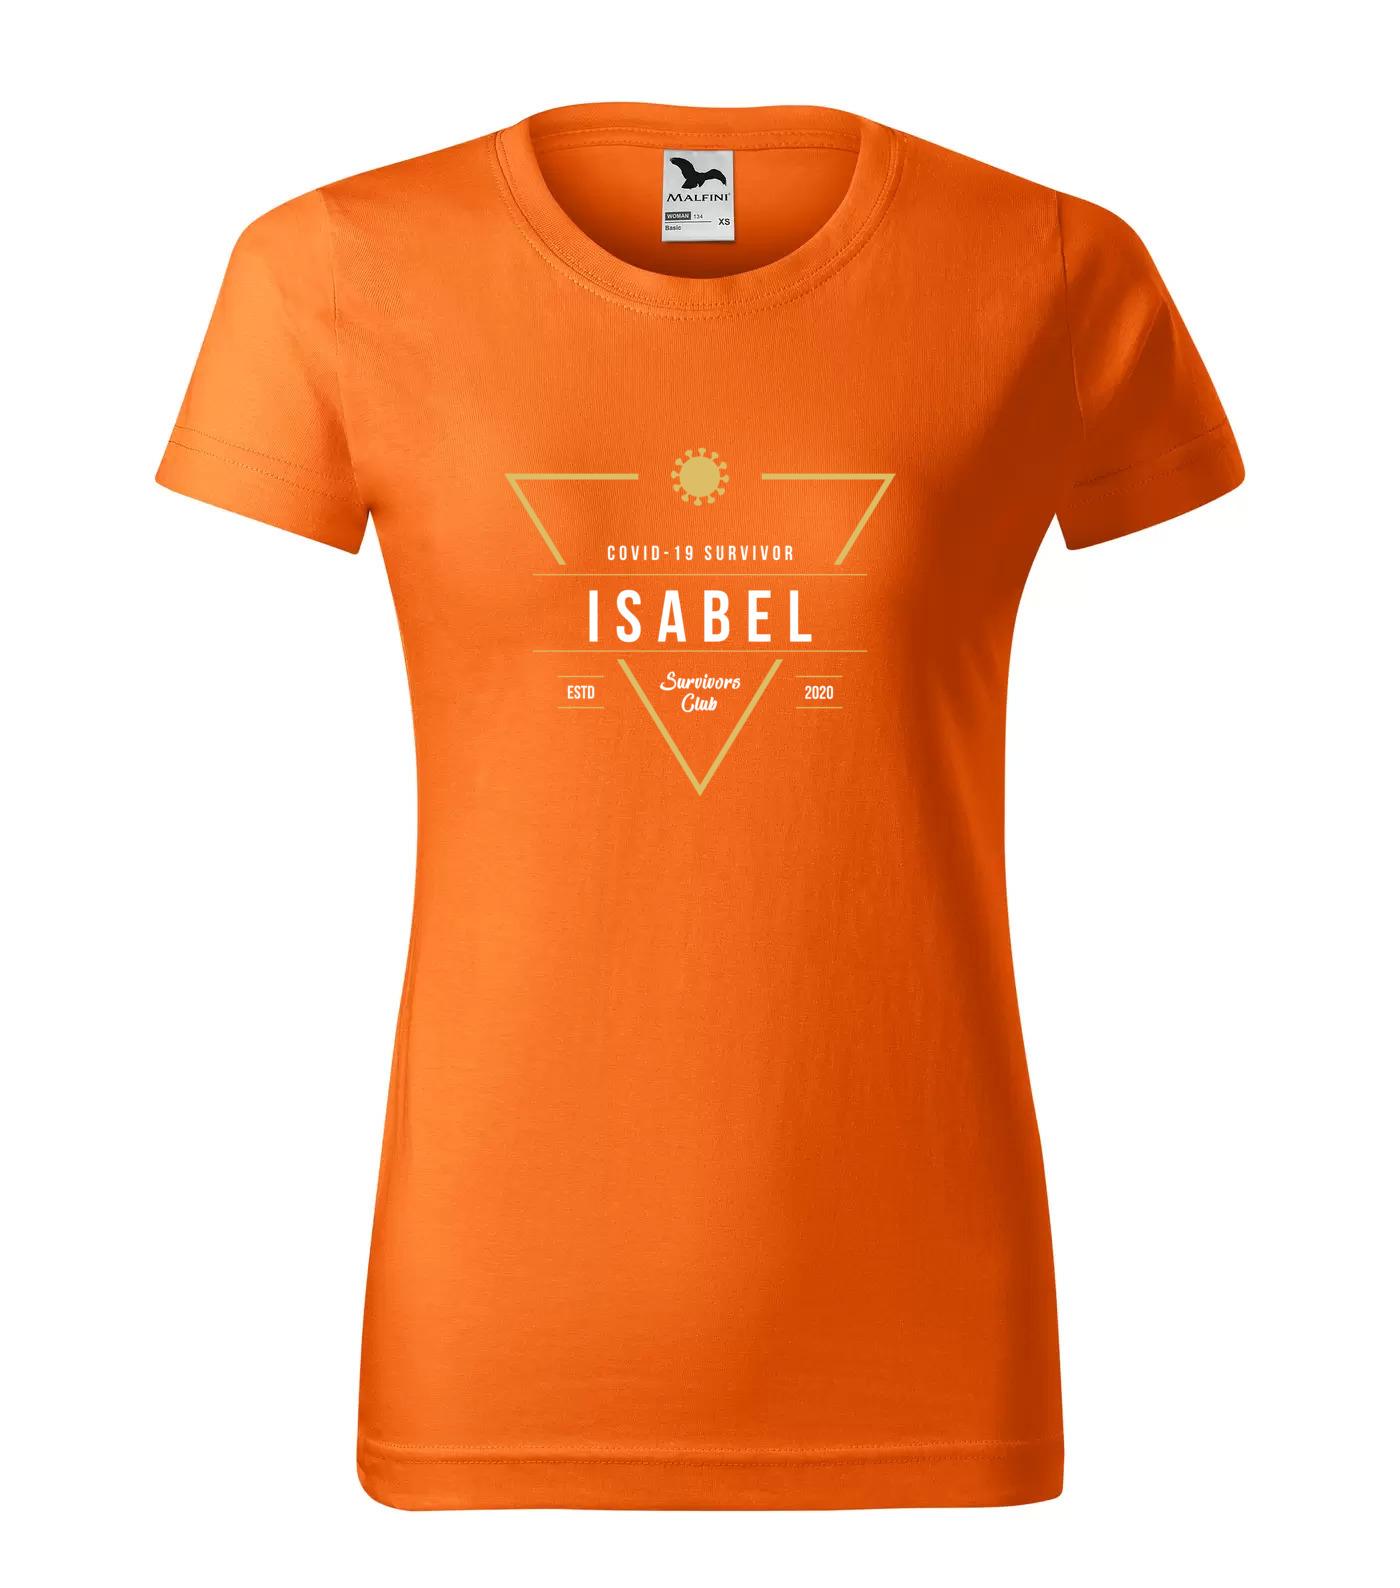 Tričko Survivor Club Isabel